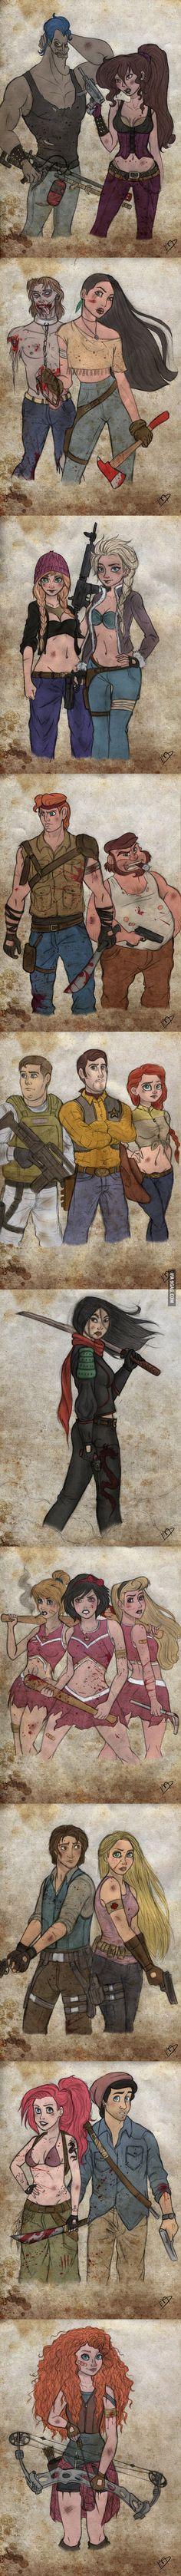 The Walking Disney Dead.